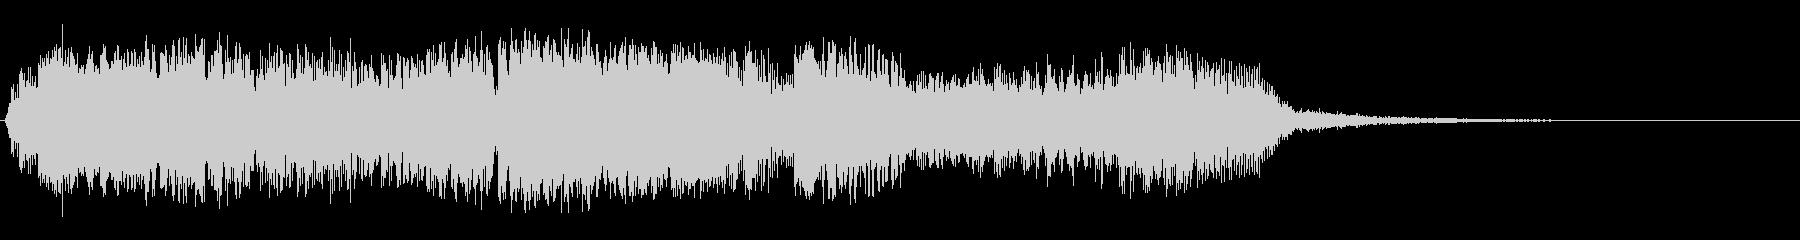 インターフェロンの未再生の波形